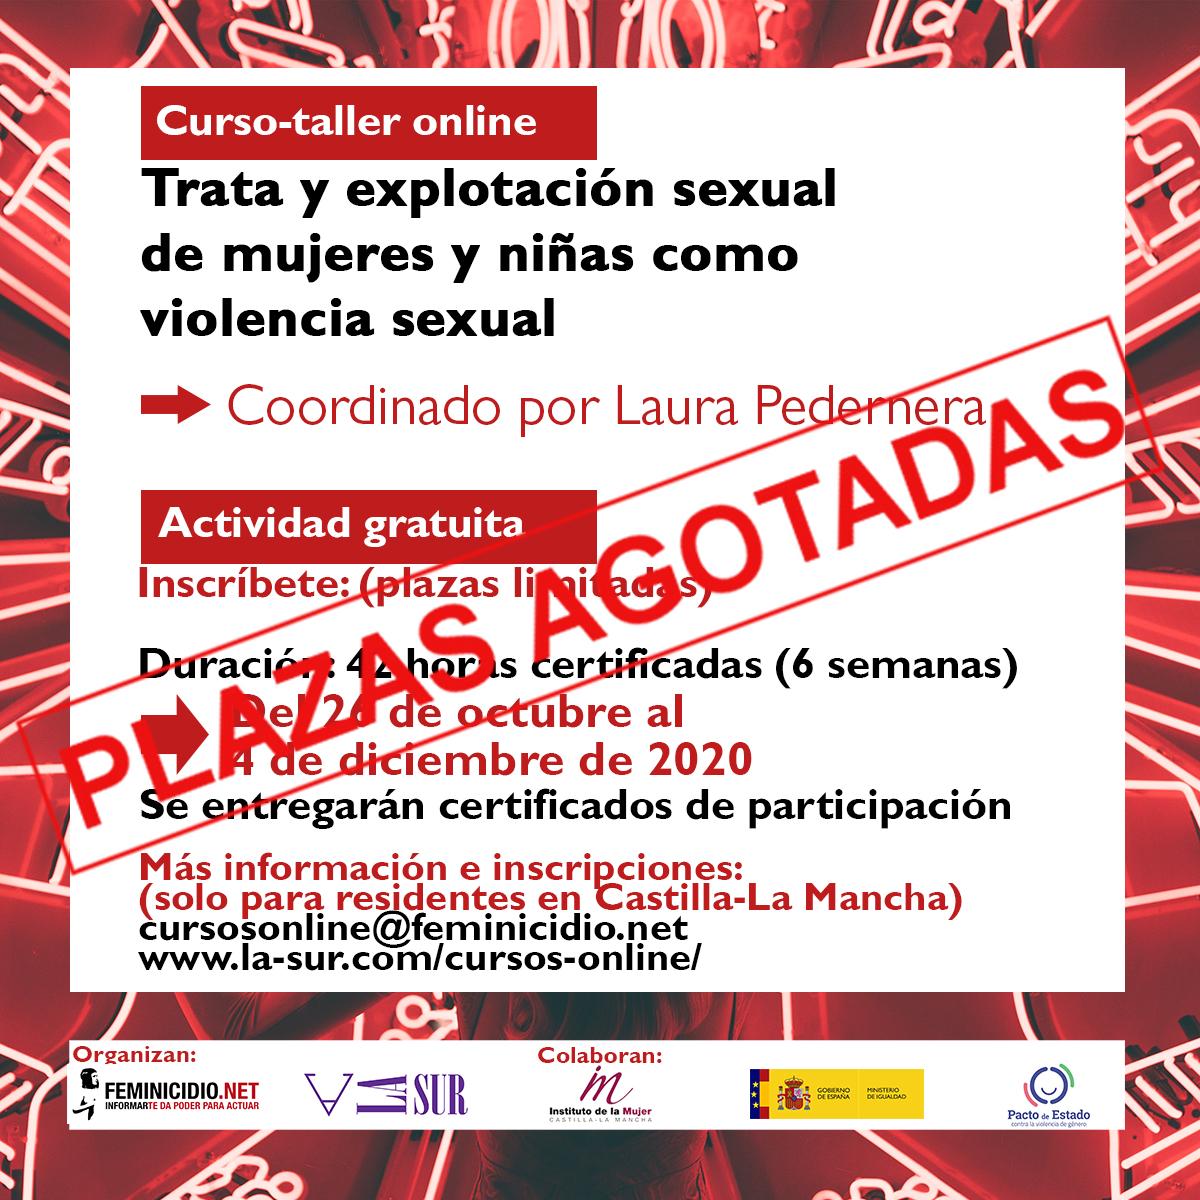 Curso Online Gratuito: Trata y explotación sexual de mujeres y niñas como violencia sexual. Para residentes en Castilla-La Mancha